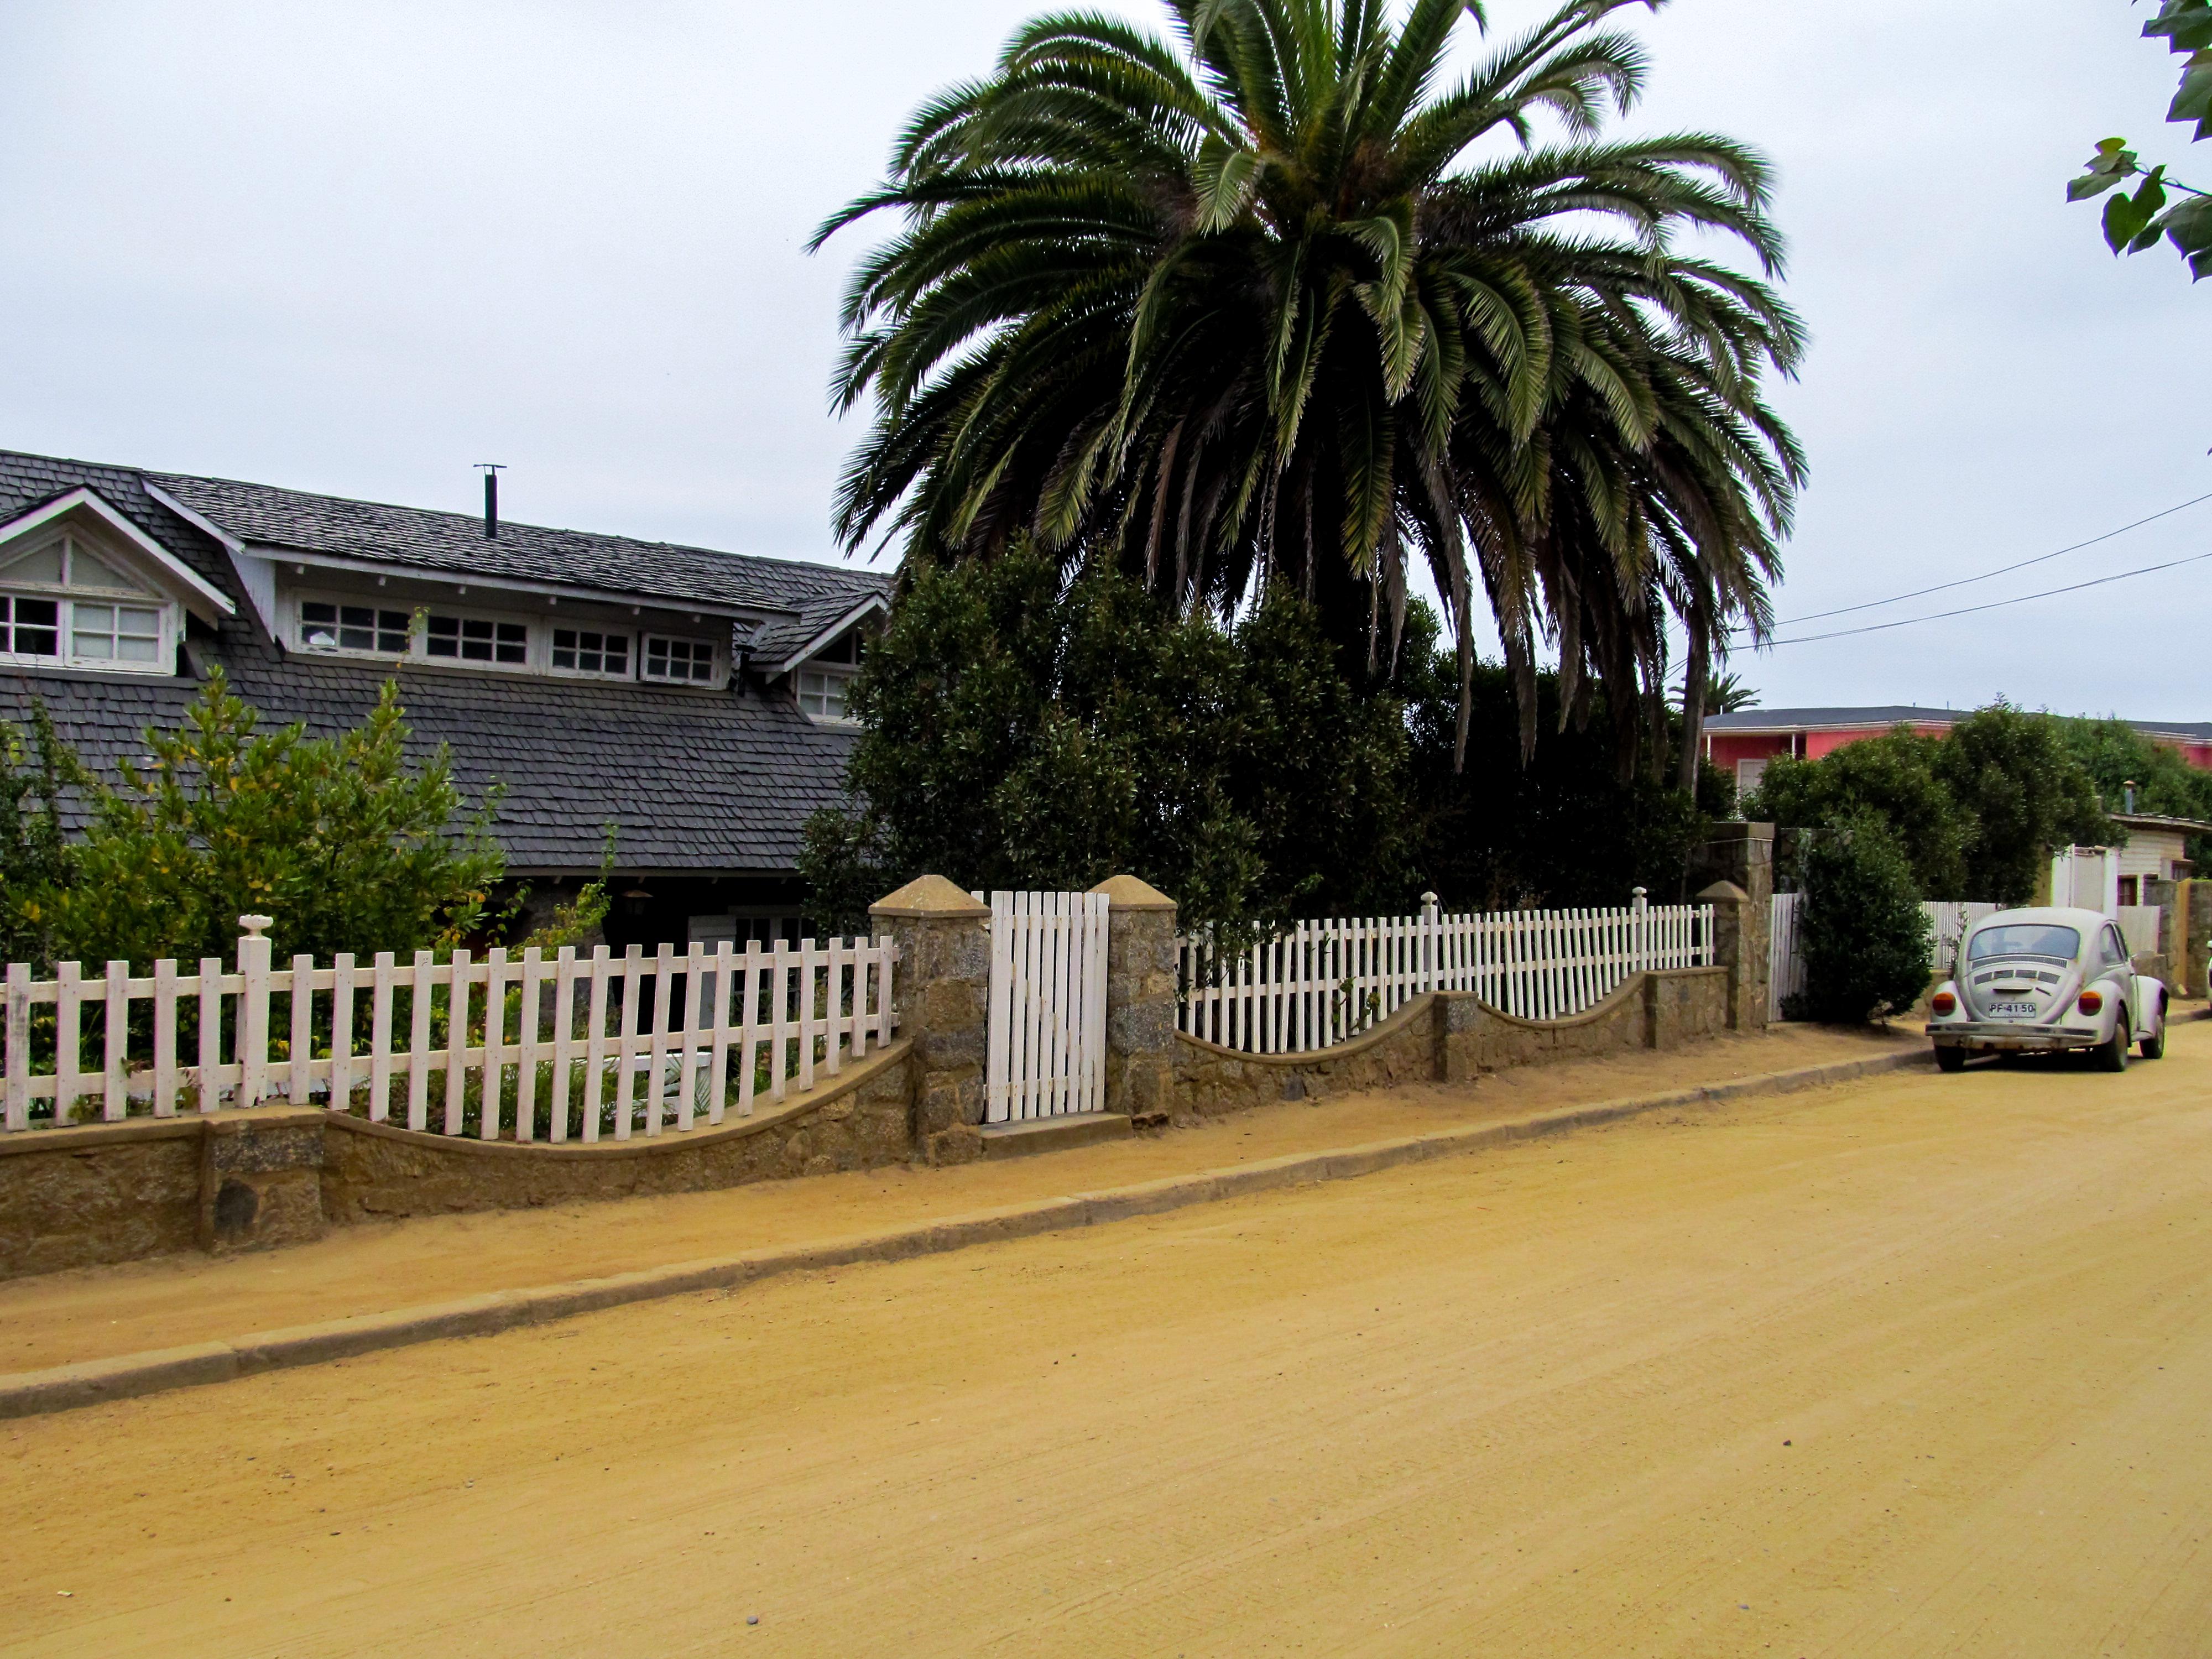 Casa de Parra en el balneario de Las Cruces, donde el poeta vivió desde los años 1980 hasta poco antes de su muerte.